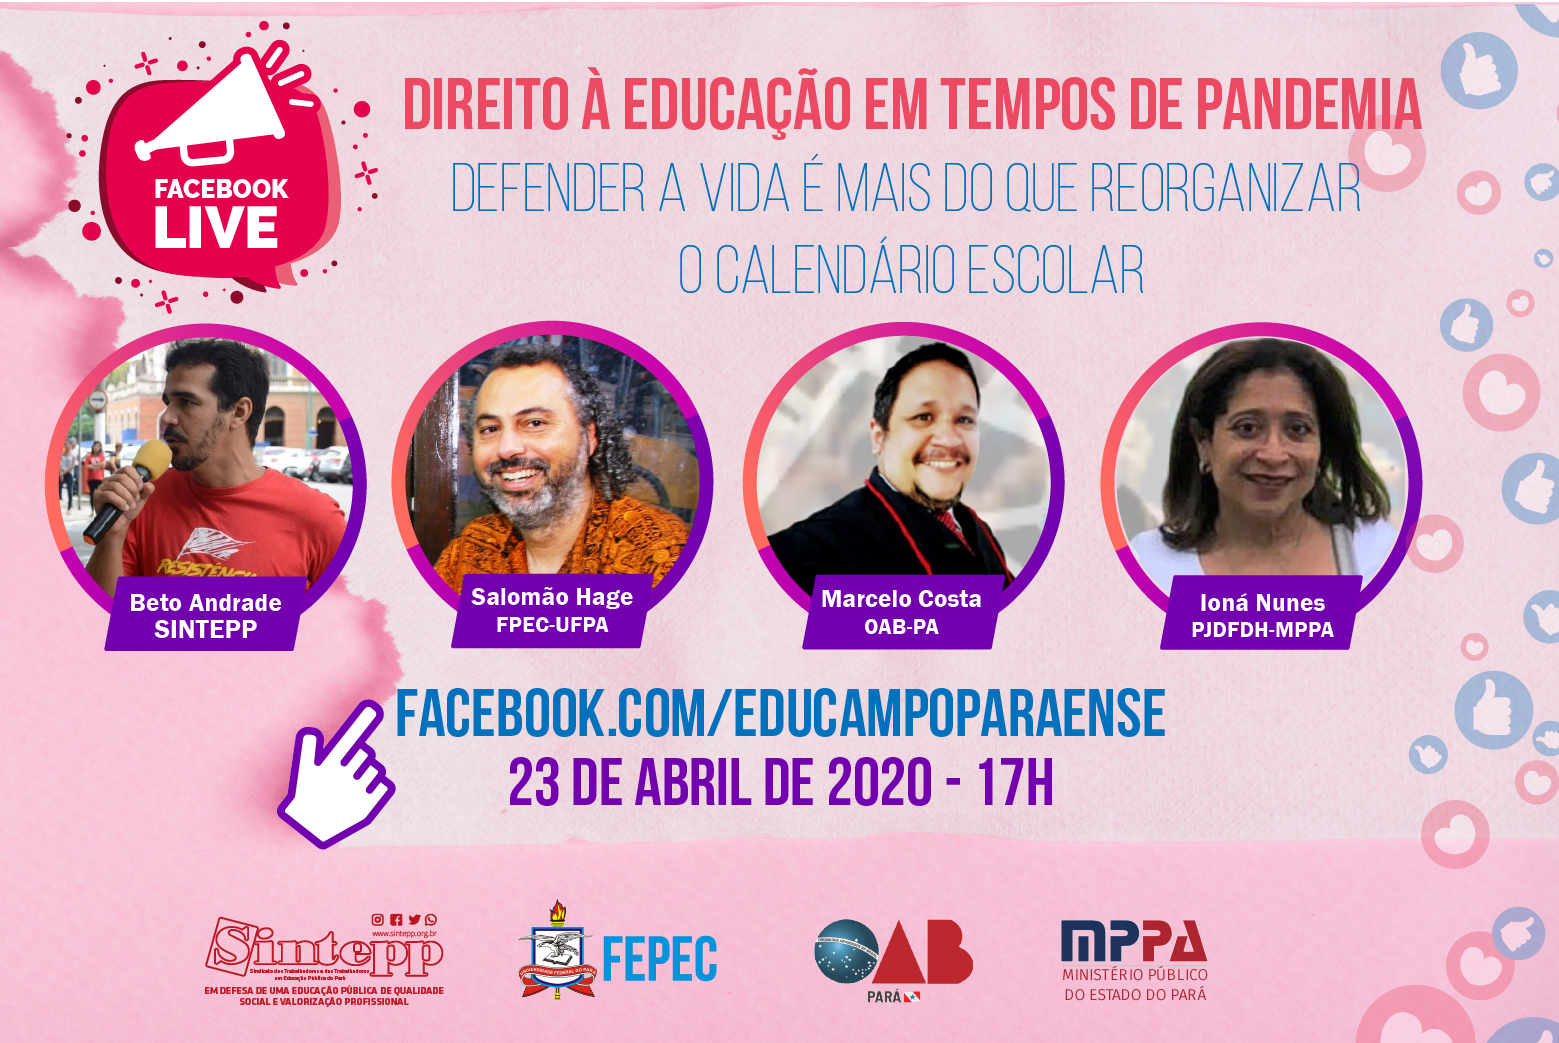 Live: Educação em tempos de pandemia